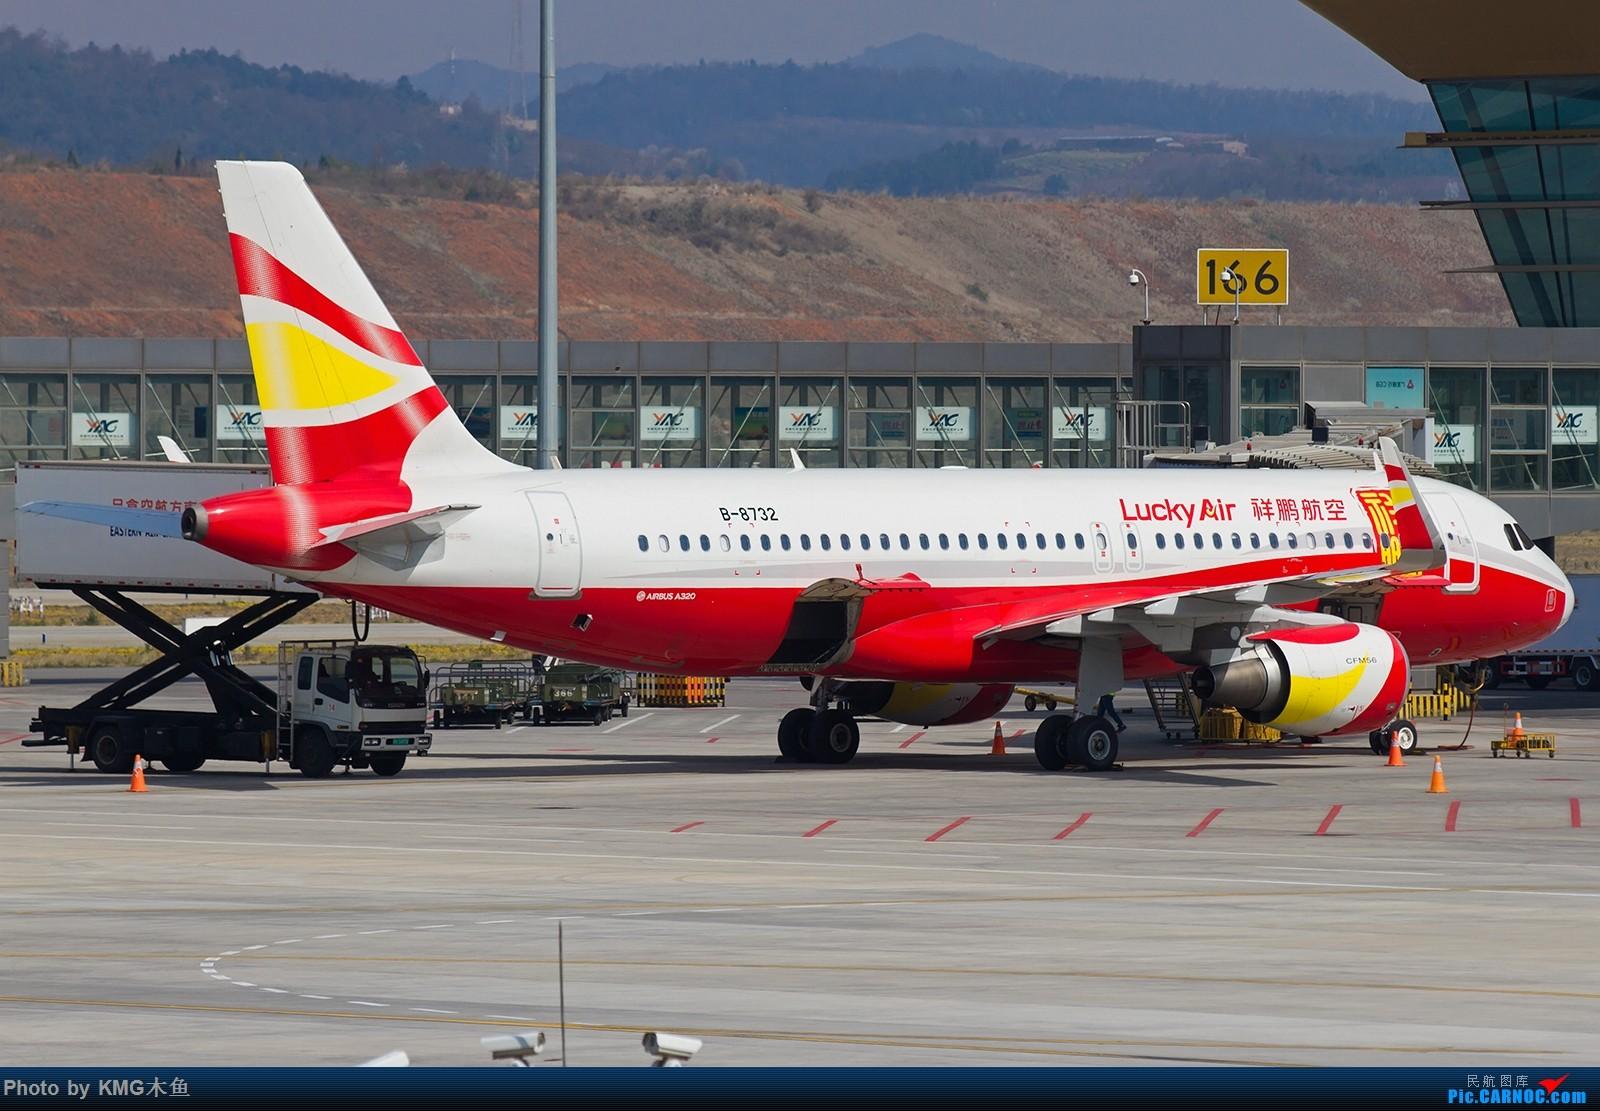 Re:[原创]【昆明长水国际机场——KMG木鱼拍机】发一波库存图 AIRBUS A320-200 B-8732 中国昆明长水国际机场